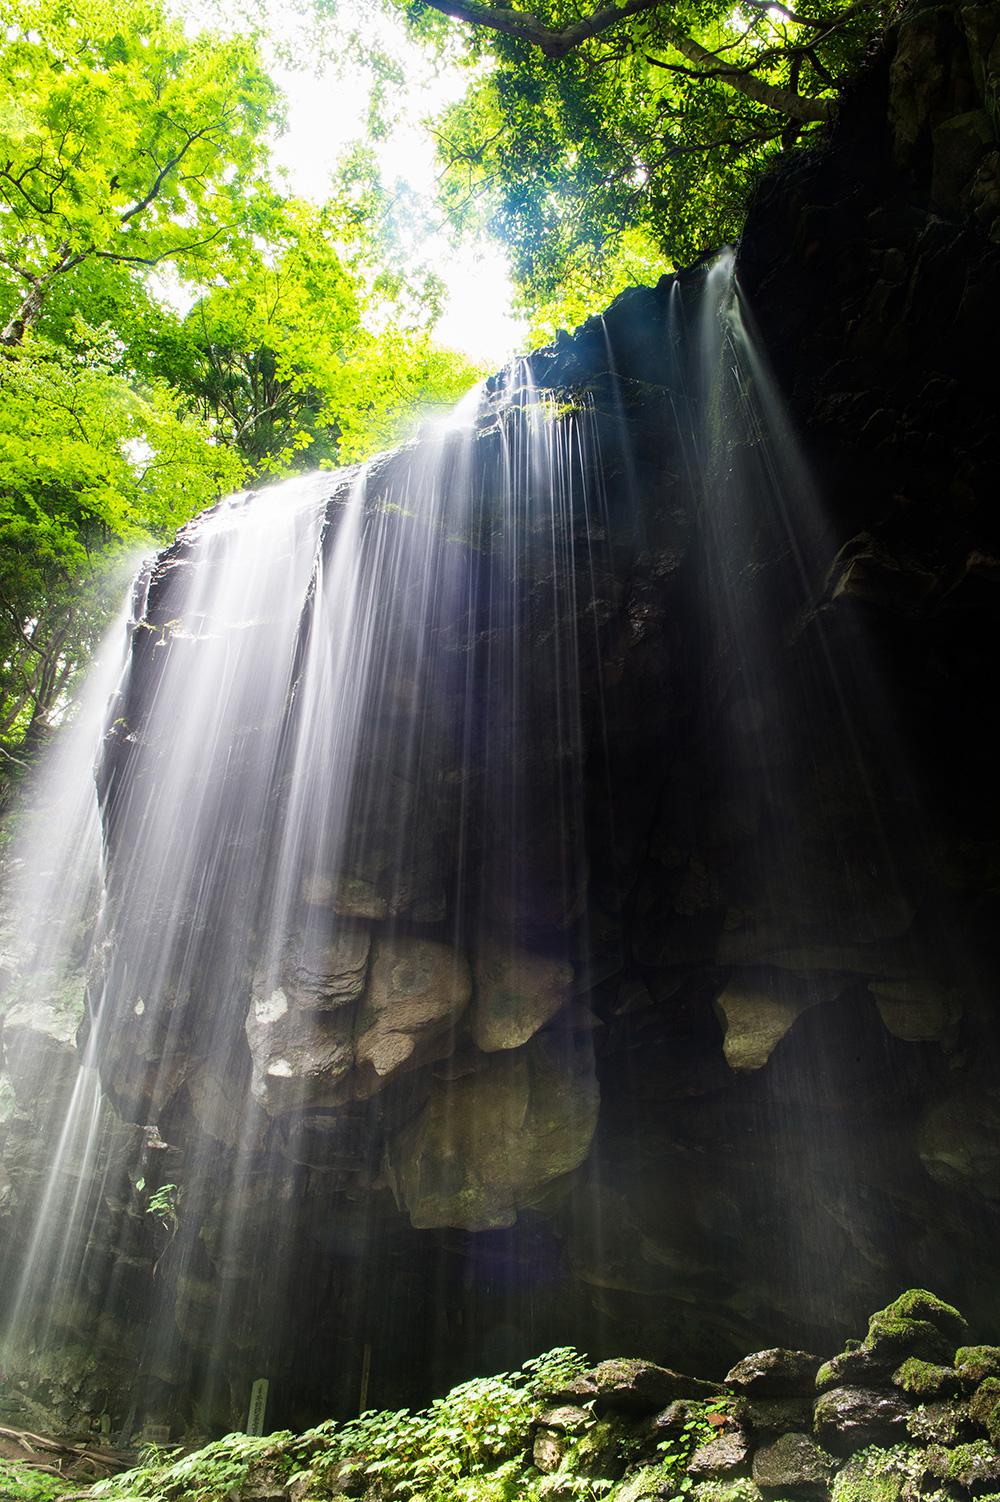 水の流れを表現する光源の使い方